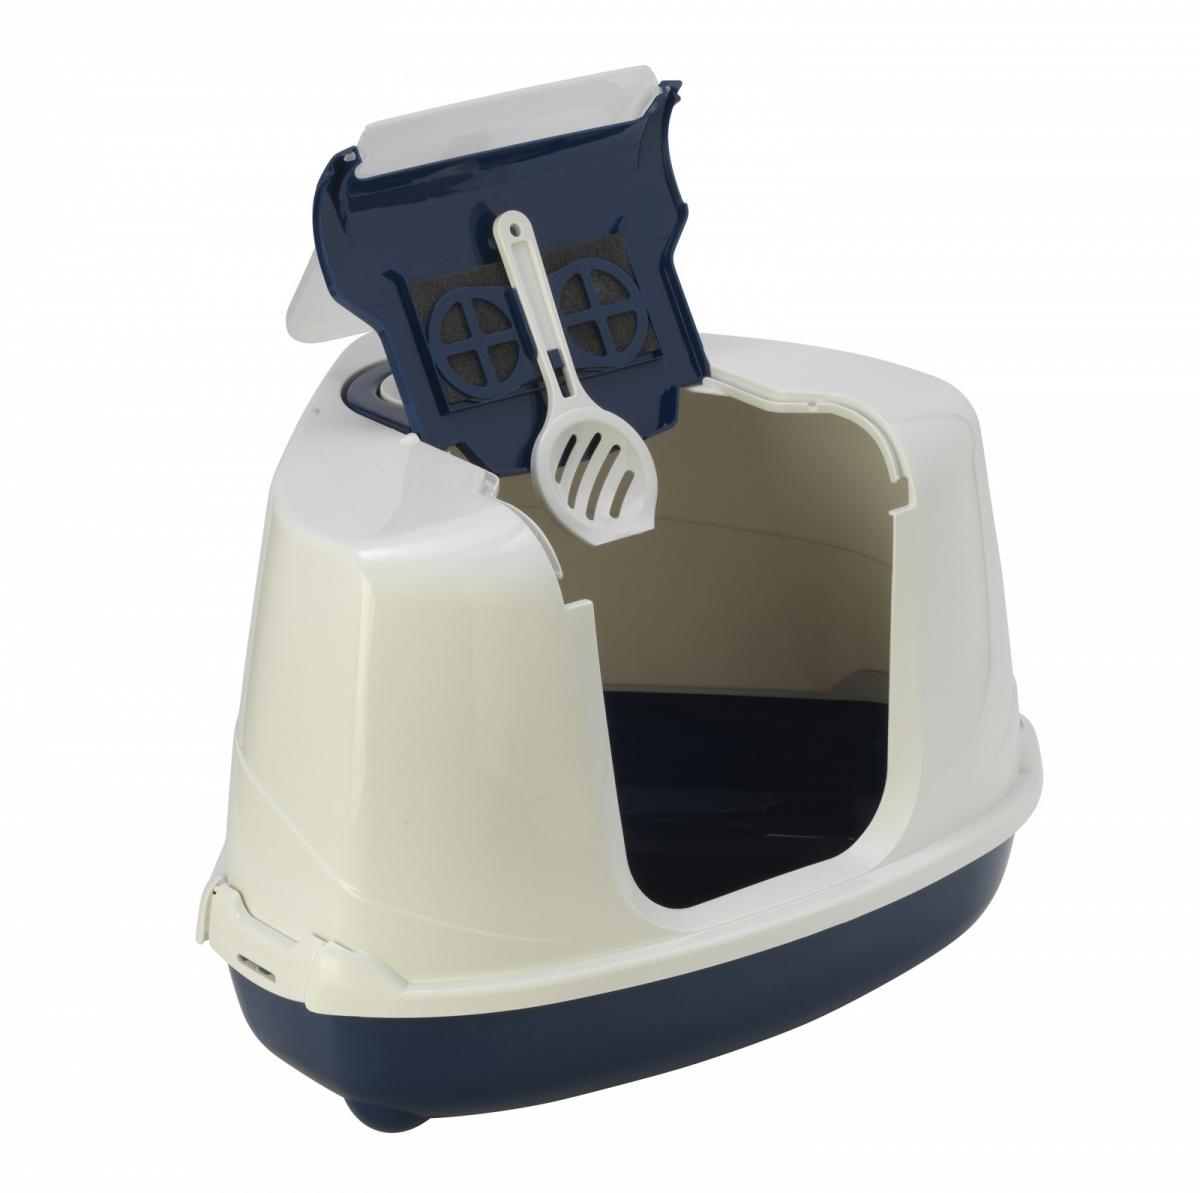 24646/ С 250-331MODERNA Flip Туалет-домик для кошек 55х45х38 см черничный угловой